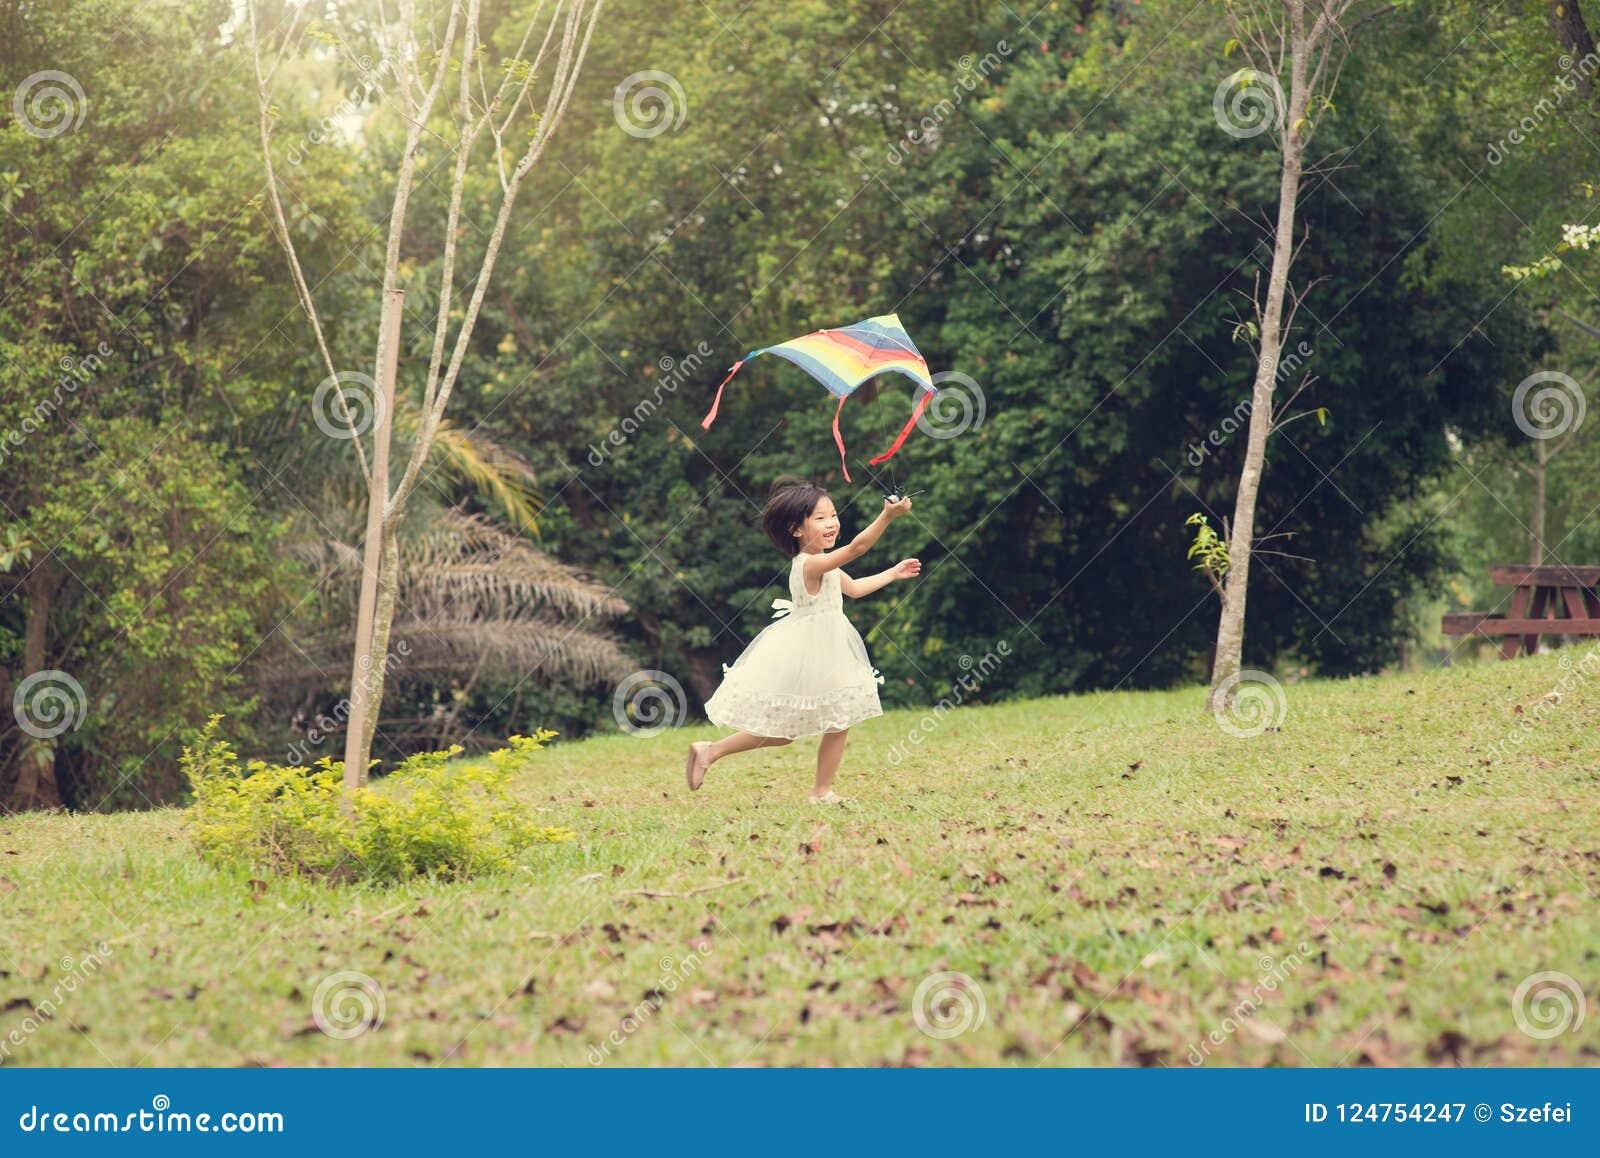 Happy little Asian girl flying kite at park.